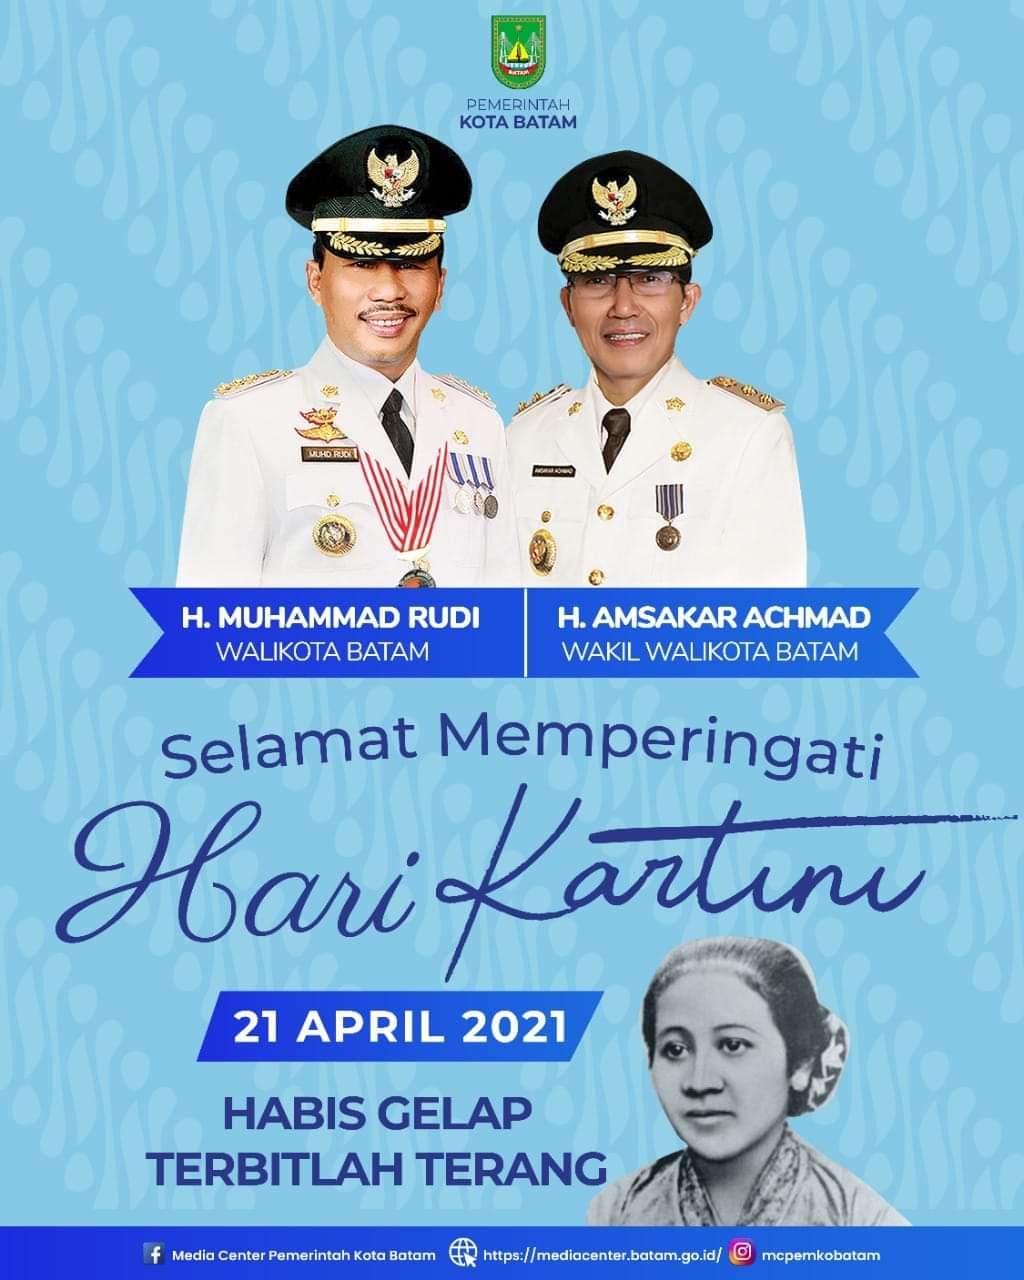 Peringati Hari Kartini, Rudi : Kartini Perempuan Tokoh Penting Dalam Tonggak Perjuangan Bangsa Indonesia